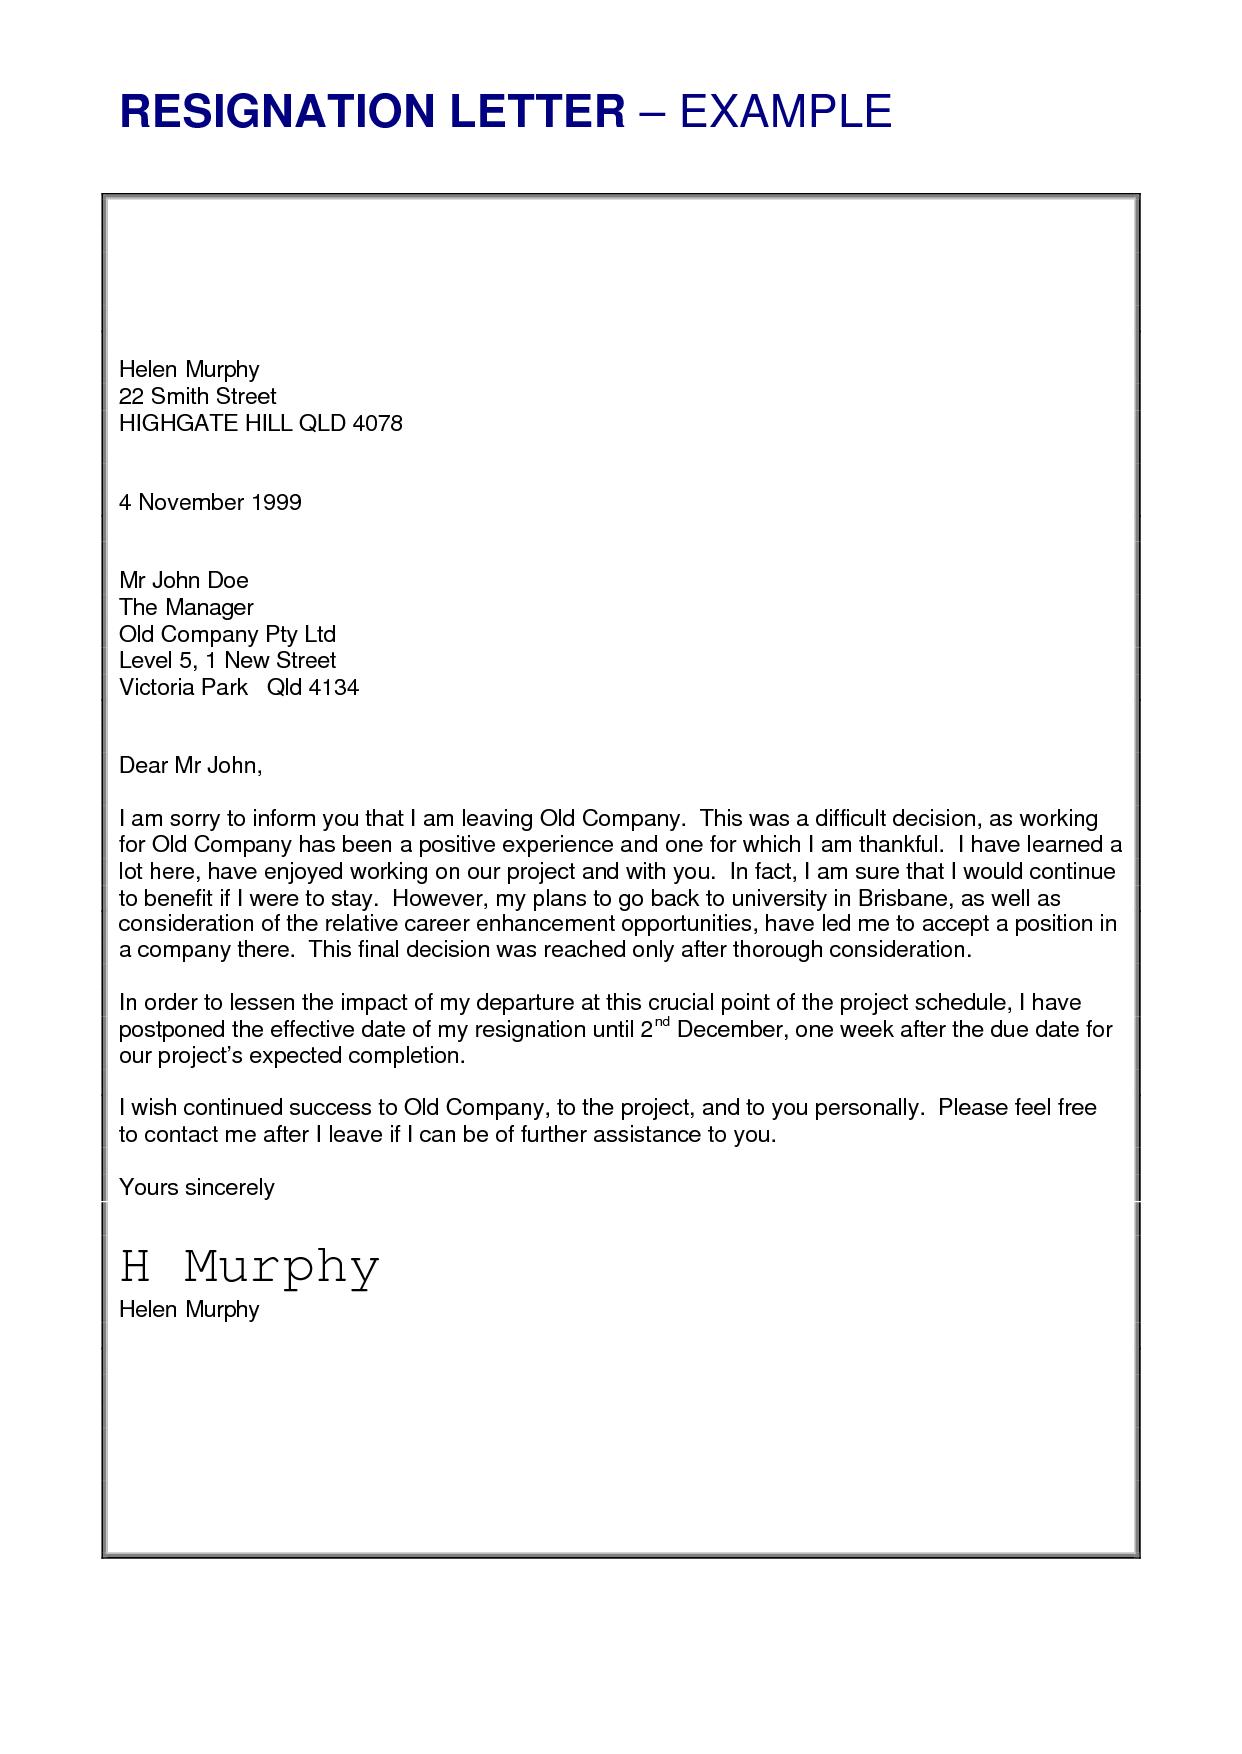 Short Resignation Letter Template - Job Resignation Letter Sample Loganun Blog Job